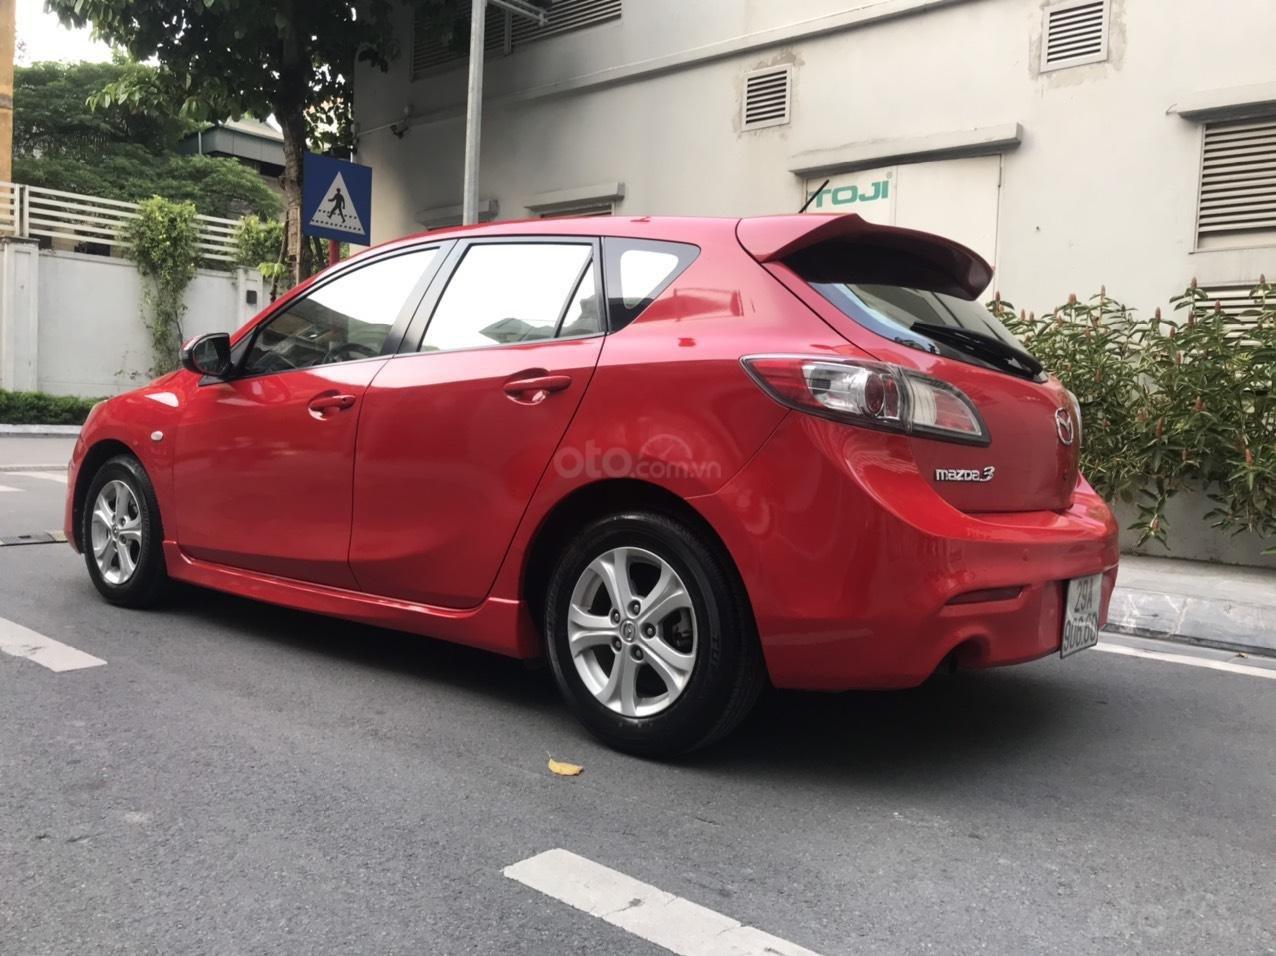 Cần bán Mazda 3 Hatchback 2010 màu đỏ chính chủ (4)